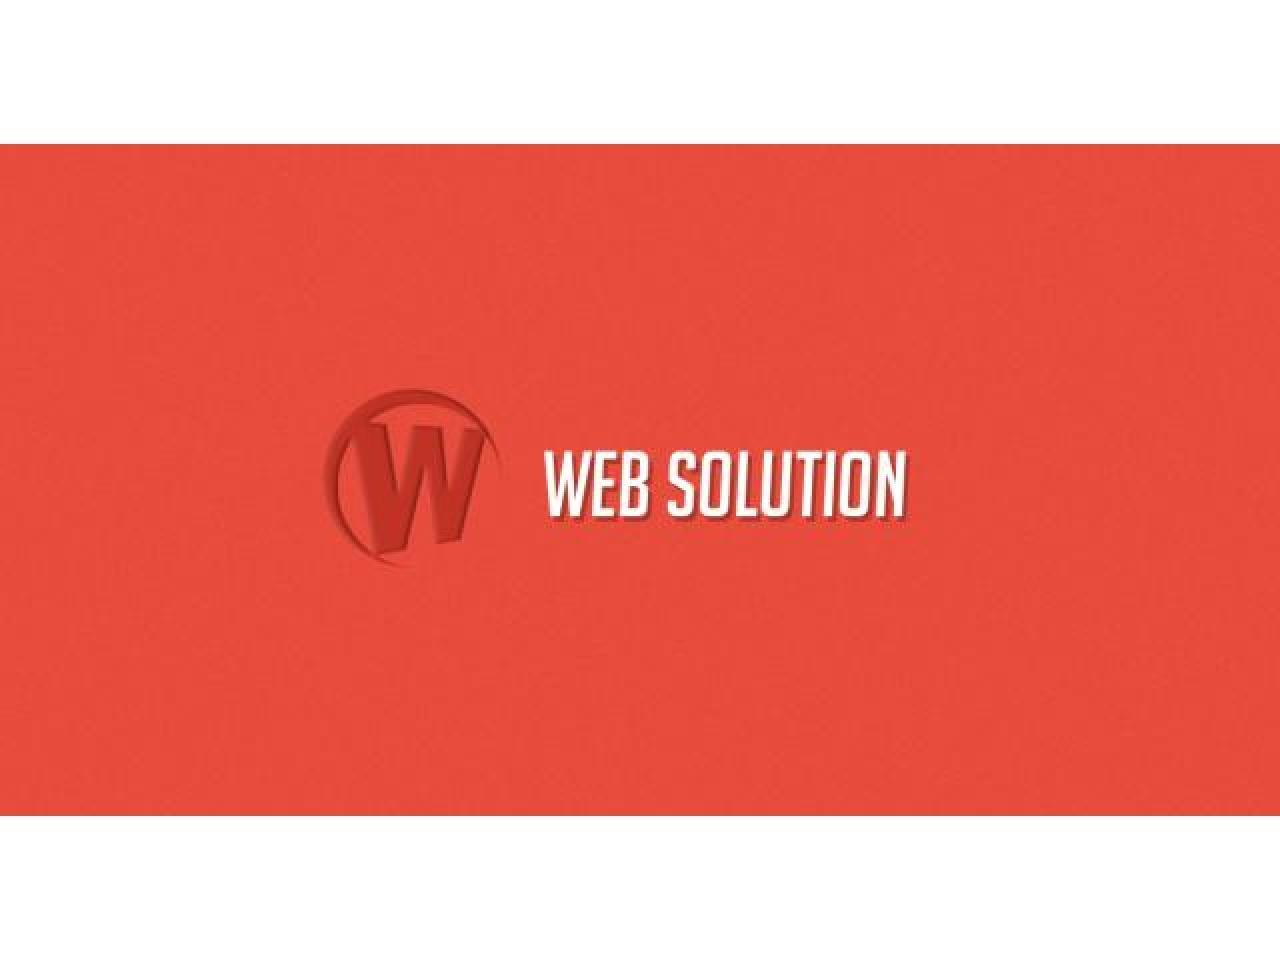 Создаём сайты-визитки, интернет магазины и порталы. Качественно и недорого - 1